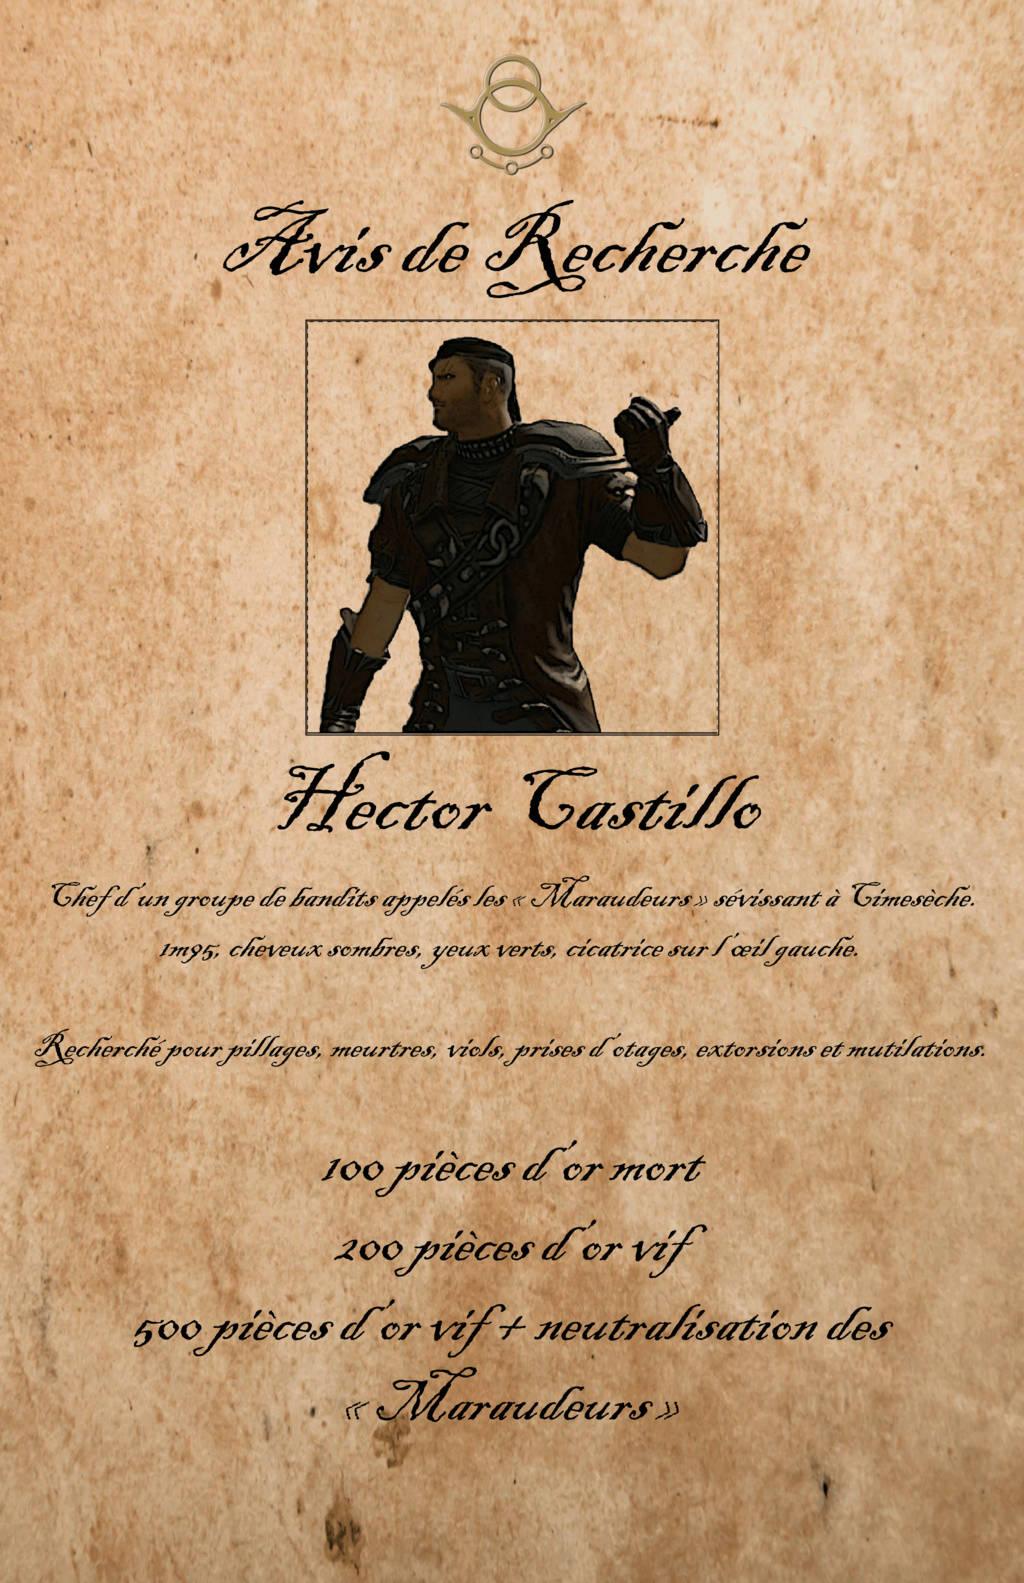 [Avis de recherche] Hector Castillo Avis-112